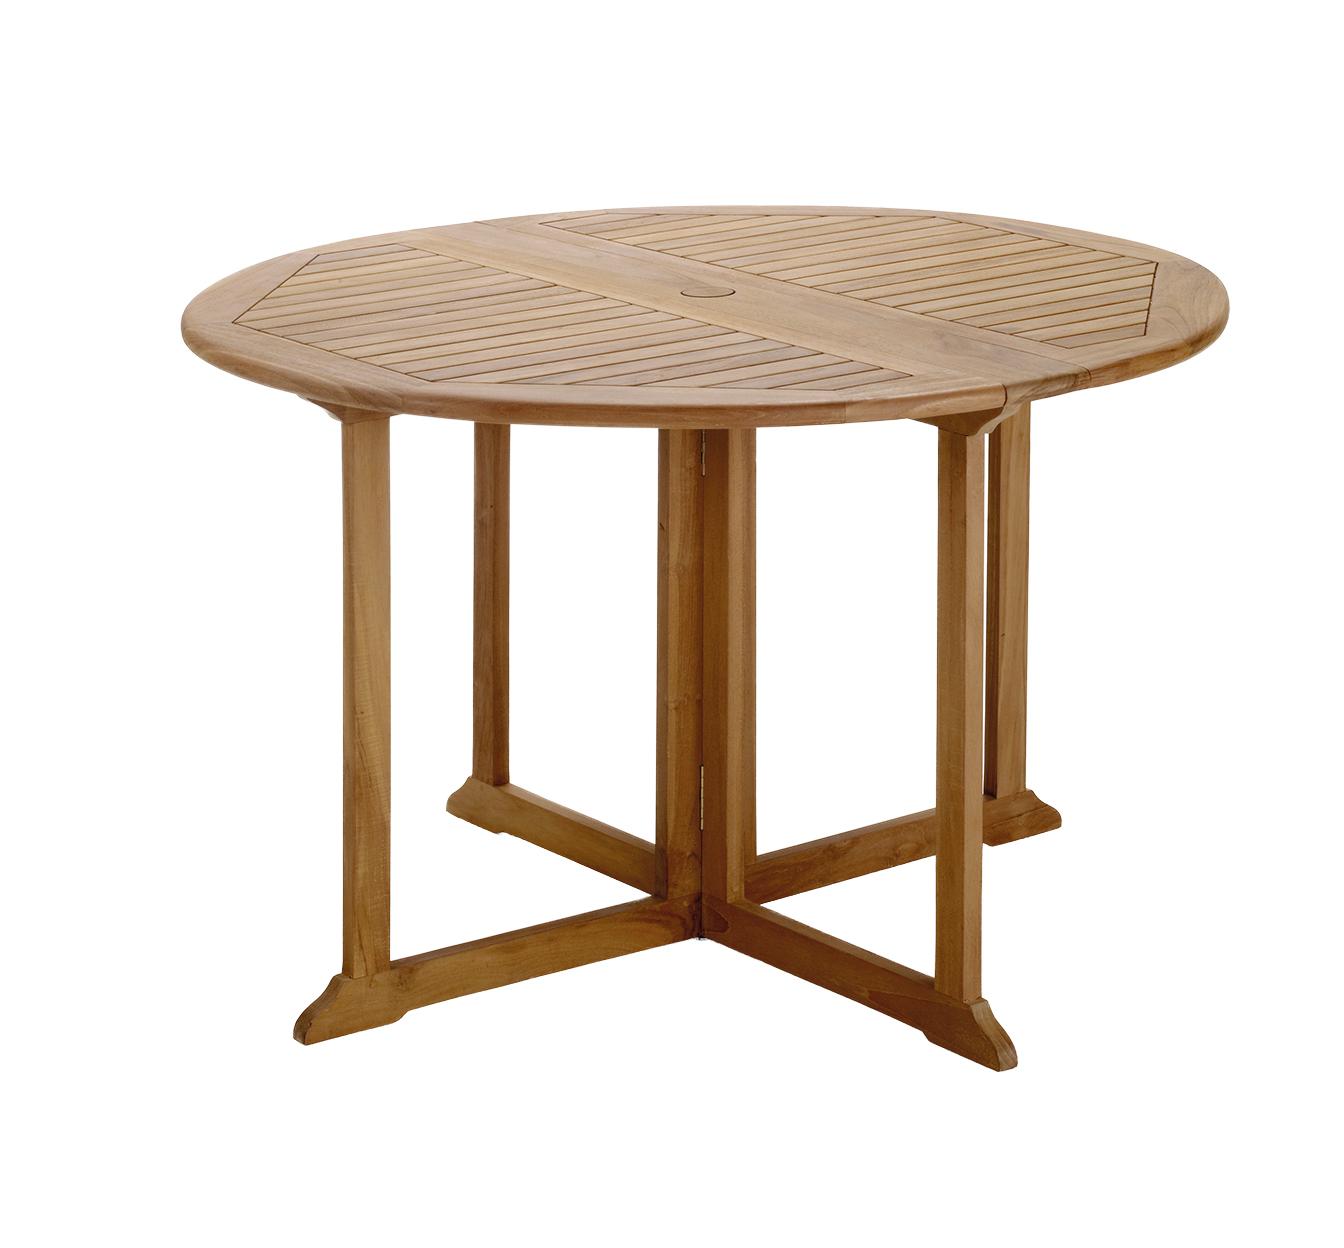 Muebles y complementos para disfrutar del exterior - Mesas de madera para exterior ...